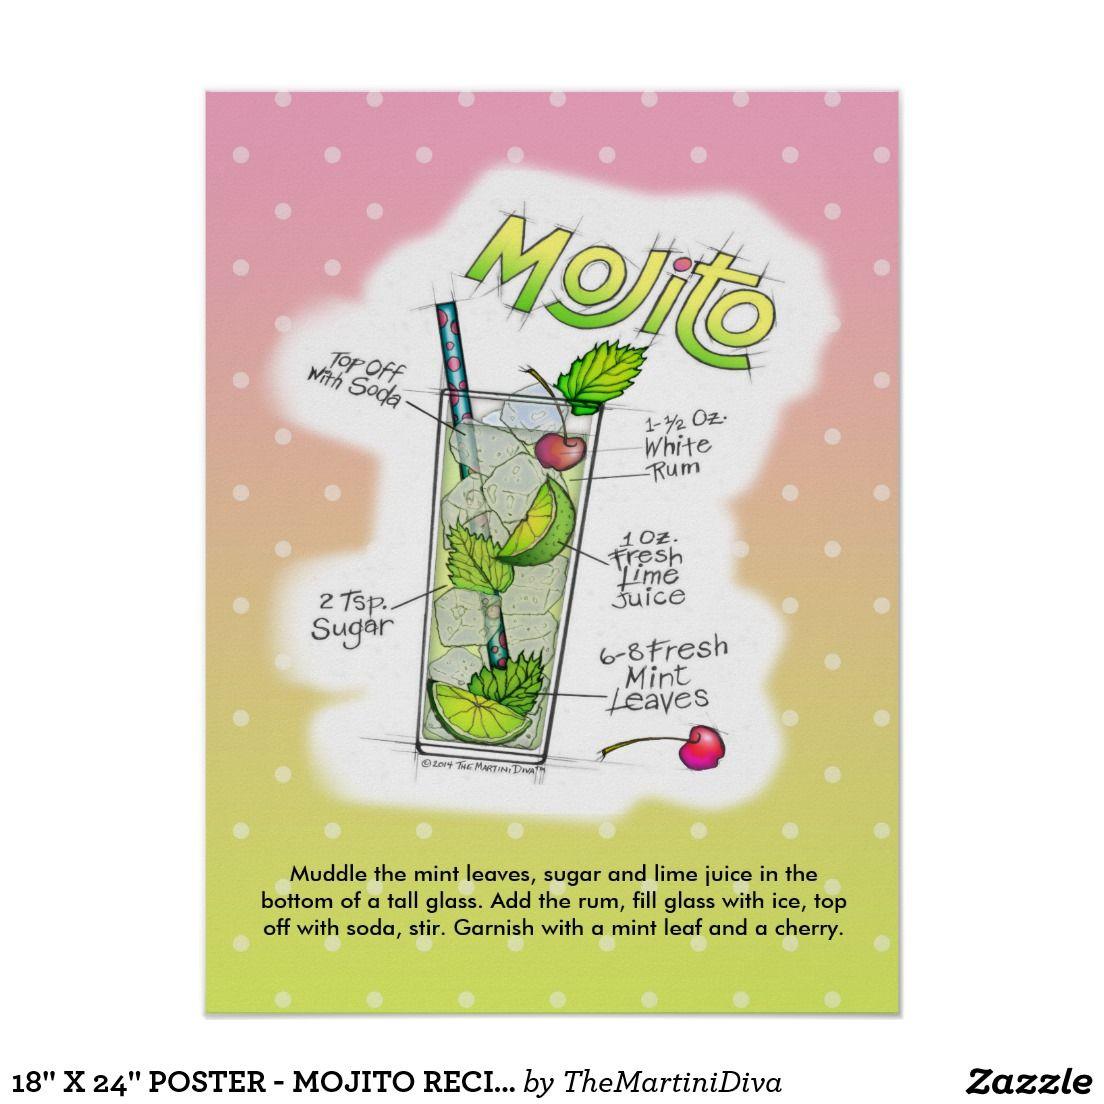 18 X 24 Poster Mojito Recipe Cocktail Art Zazzle Com Cocktail Art Mojito Recipe Mojito